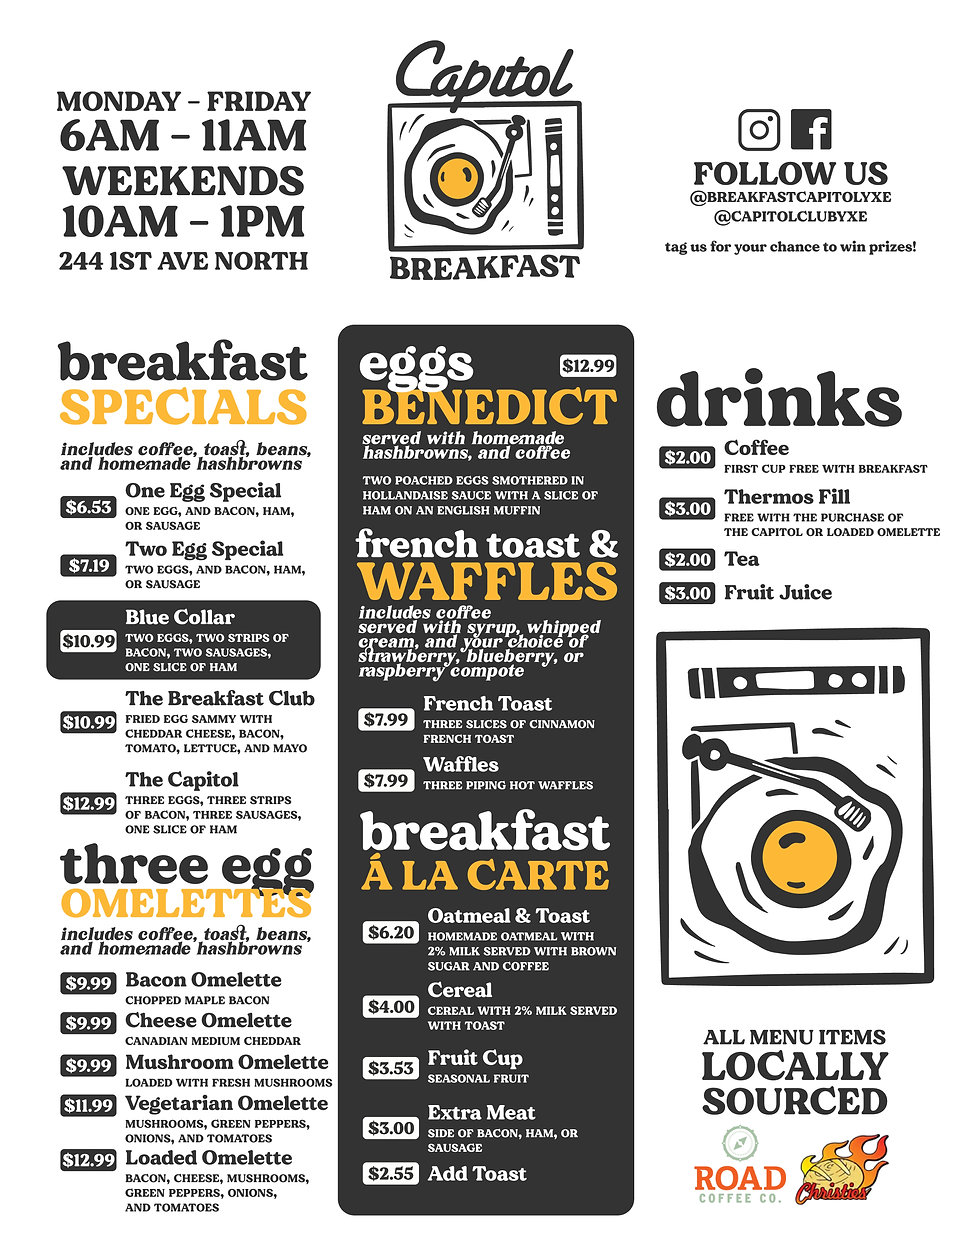 BreakfastCapitolMenuWeekends.jpg